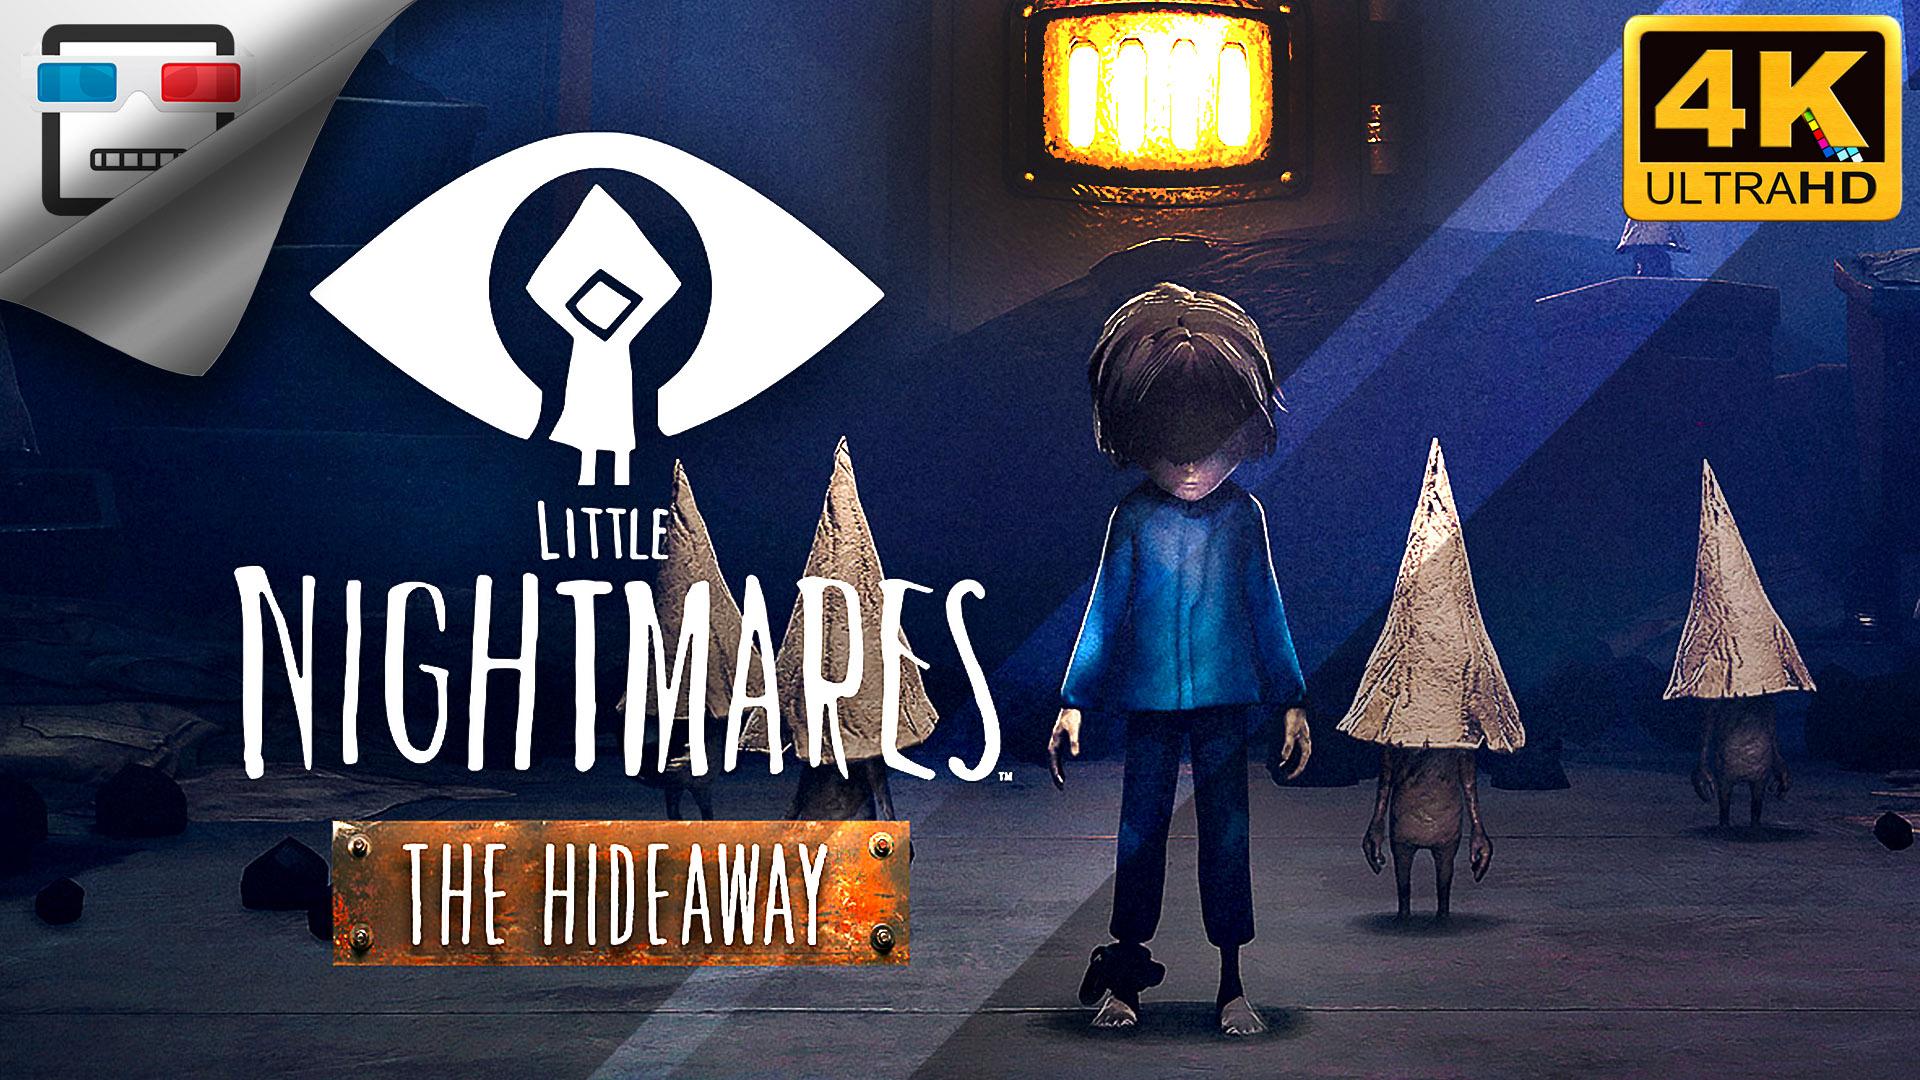 УБЕЖИЩЕ Игрофильм 4K60FPS Little Nightmares The Hideaway DLC Сюжет ужасы